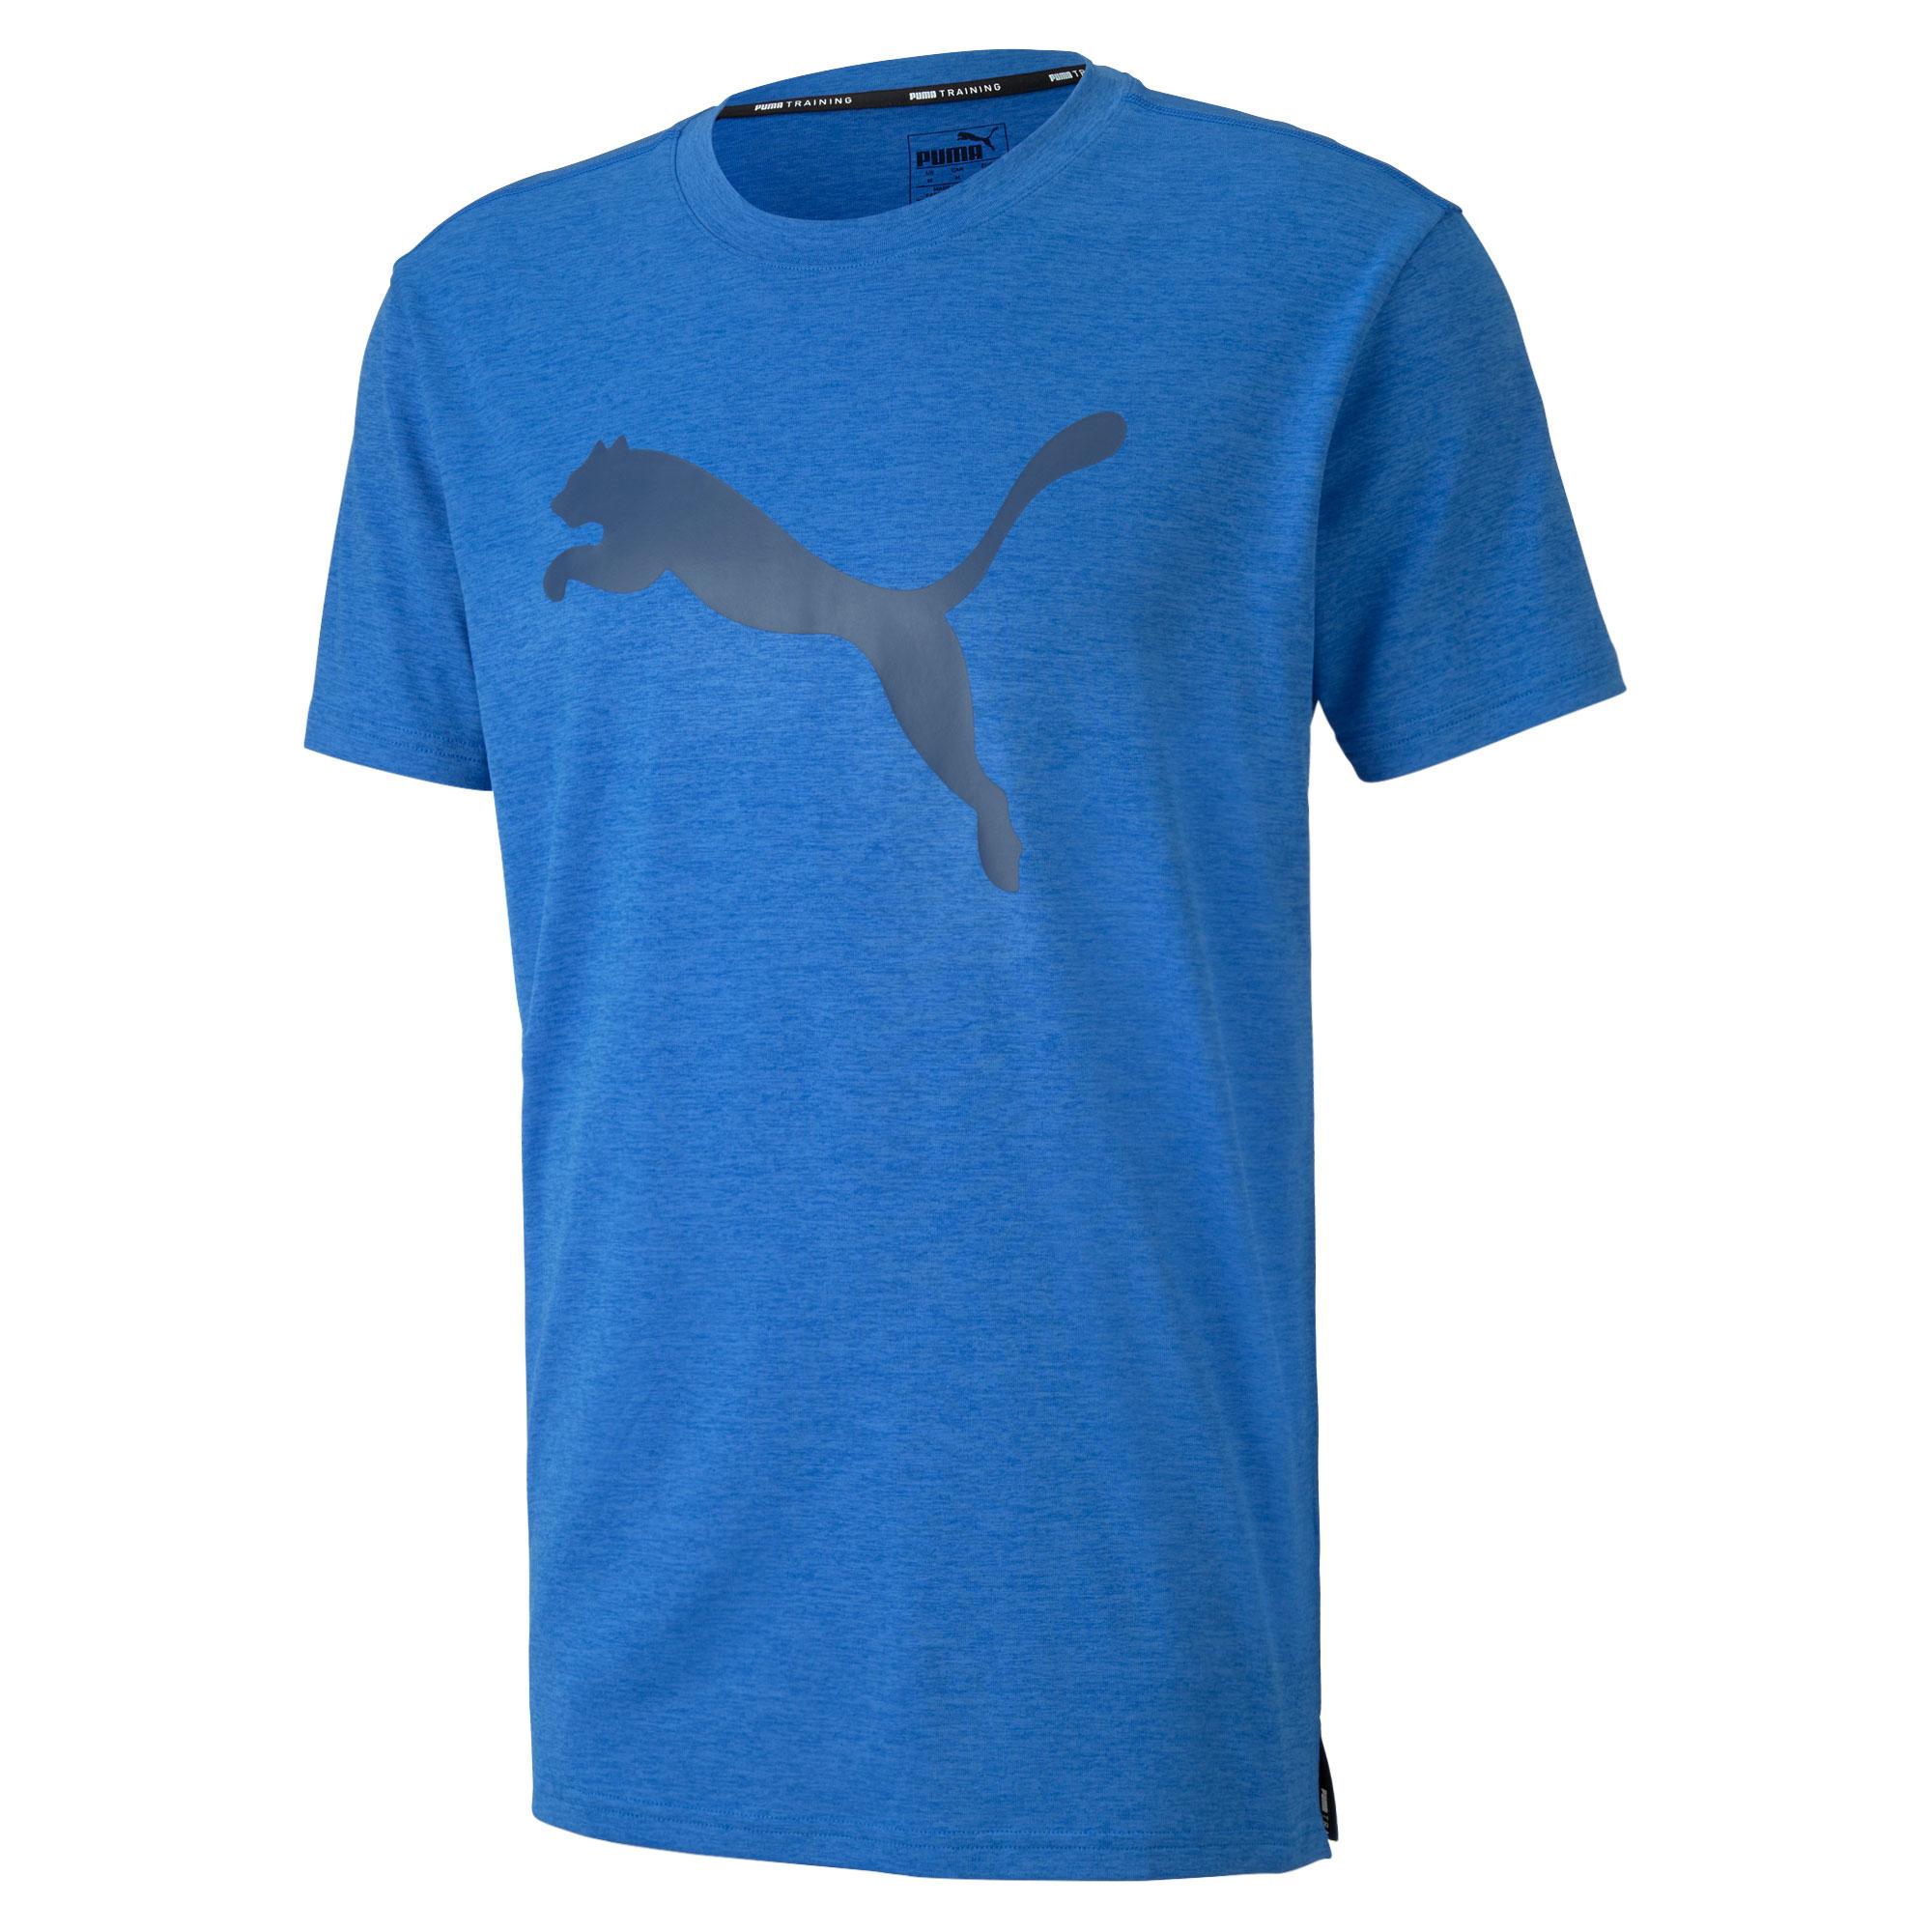 Puma Men's Heather Cat Tee Running Training Shirt 518382-12